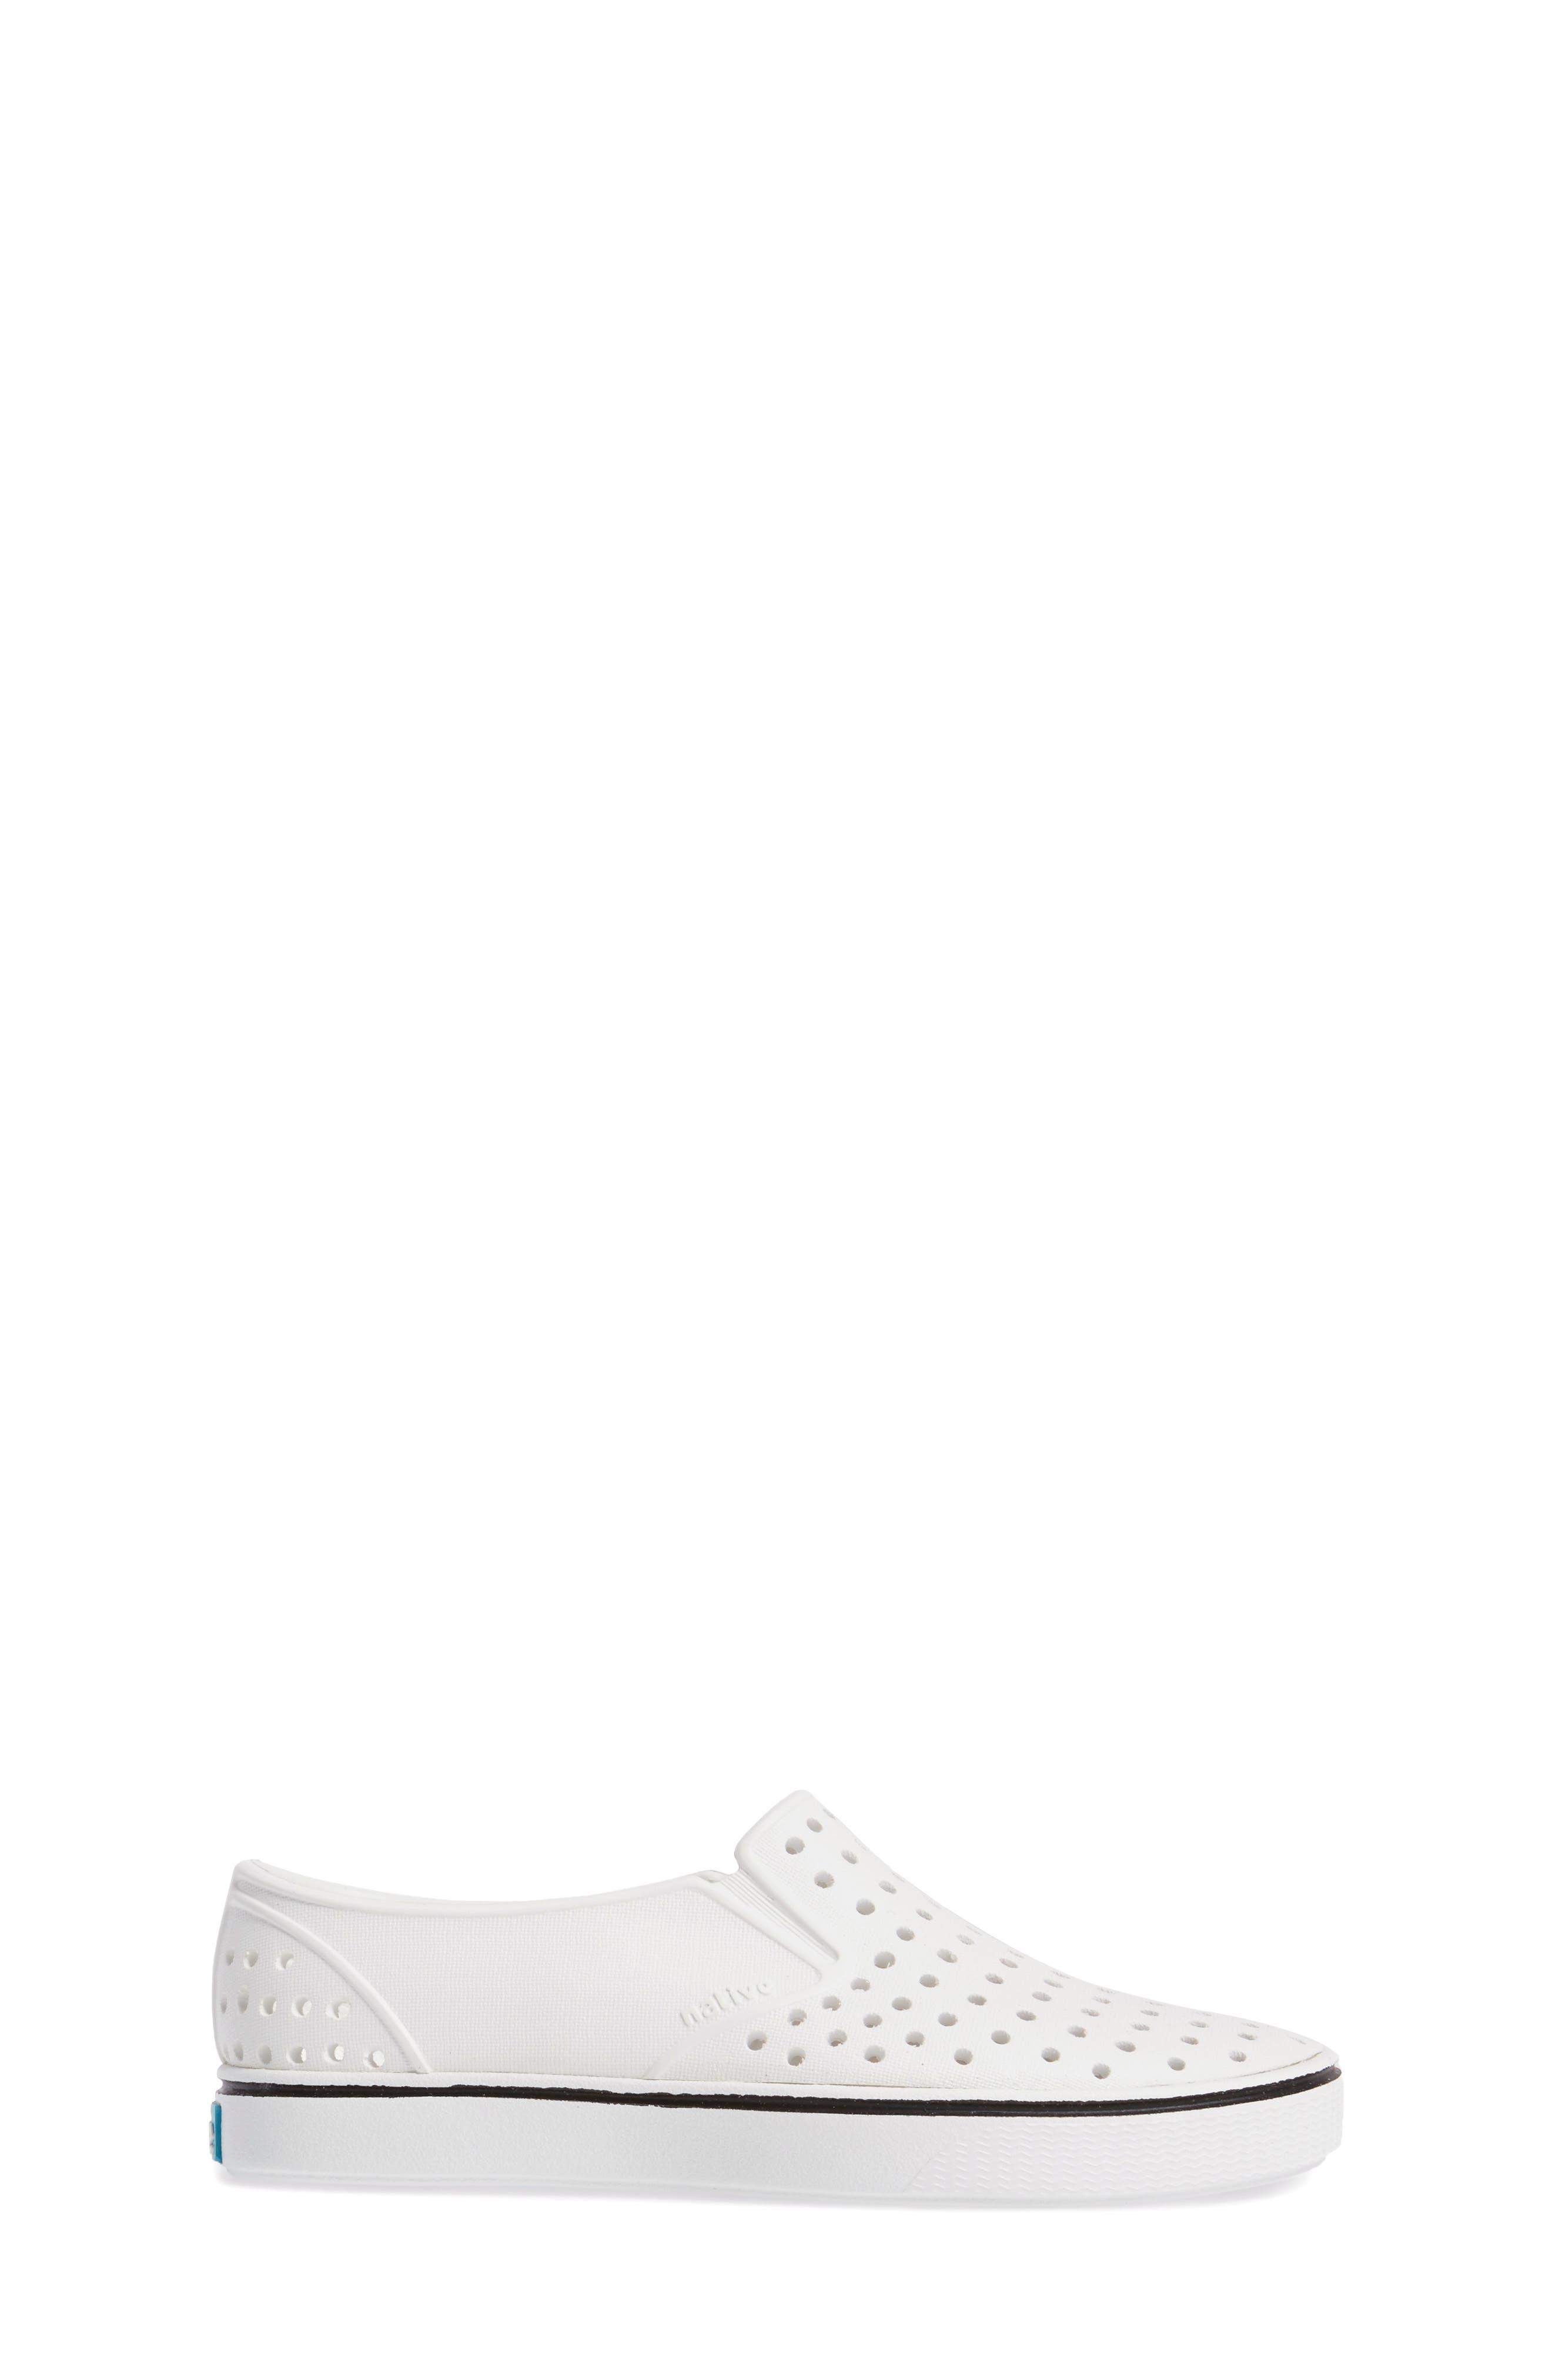 Miles Water Friendly Slip-On Sneaker,                             Alternate thumbnail 3, color,                             SHELL WHITE